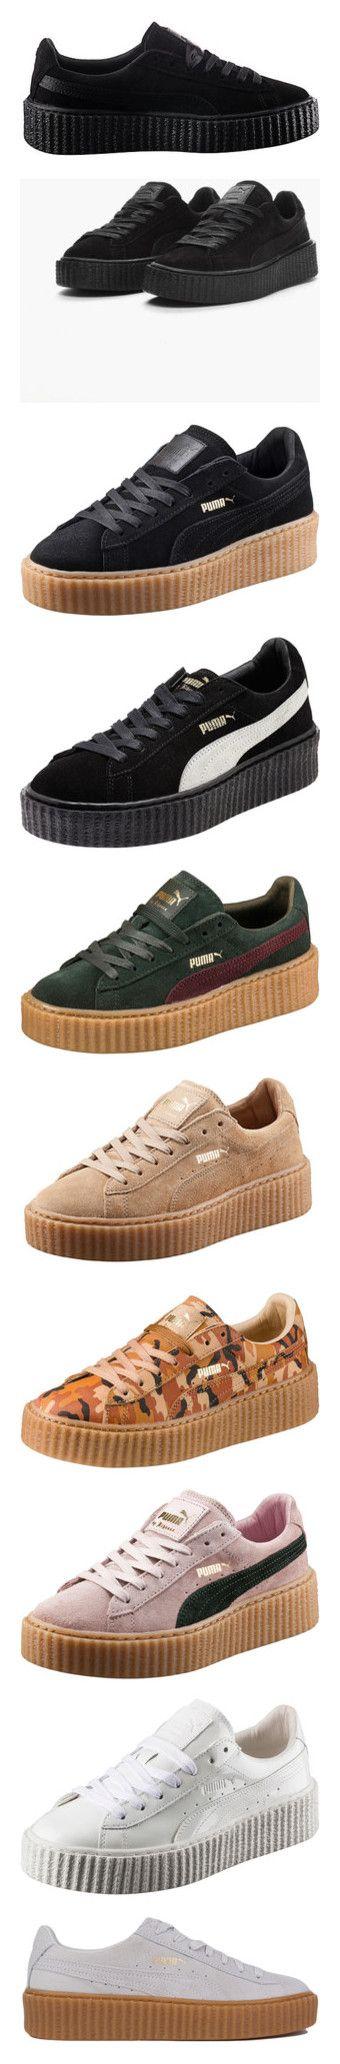 Damen Sneakers Schuhe Freizeitschuhe C1 4885 Turnschuhe Orange 39